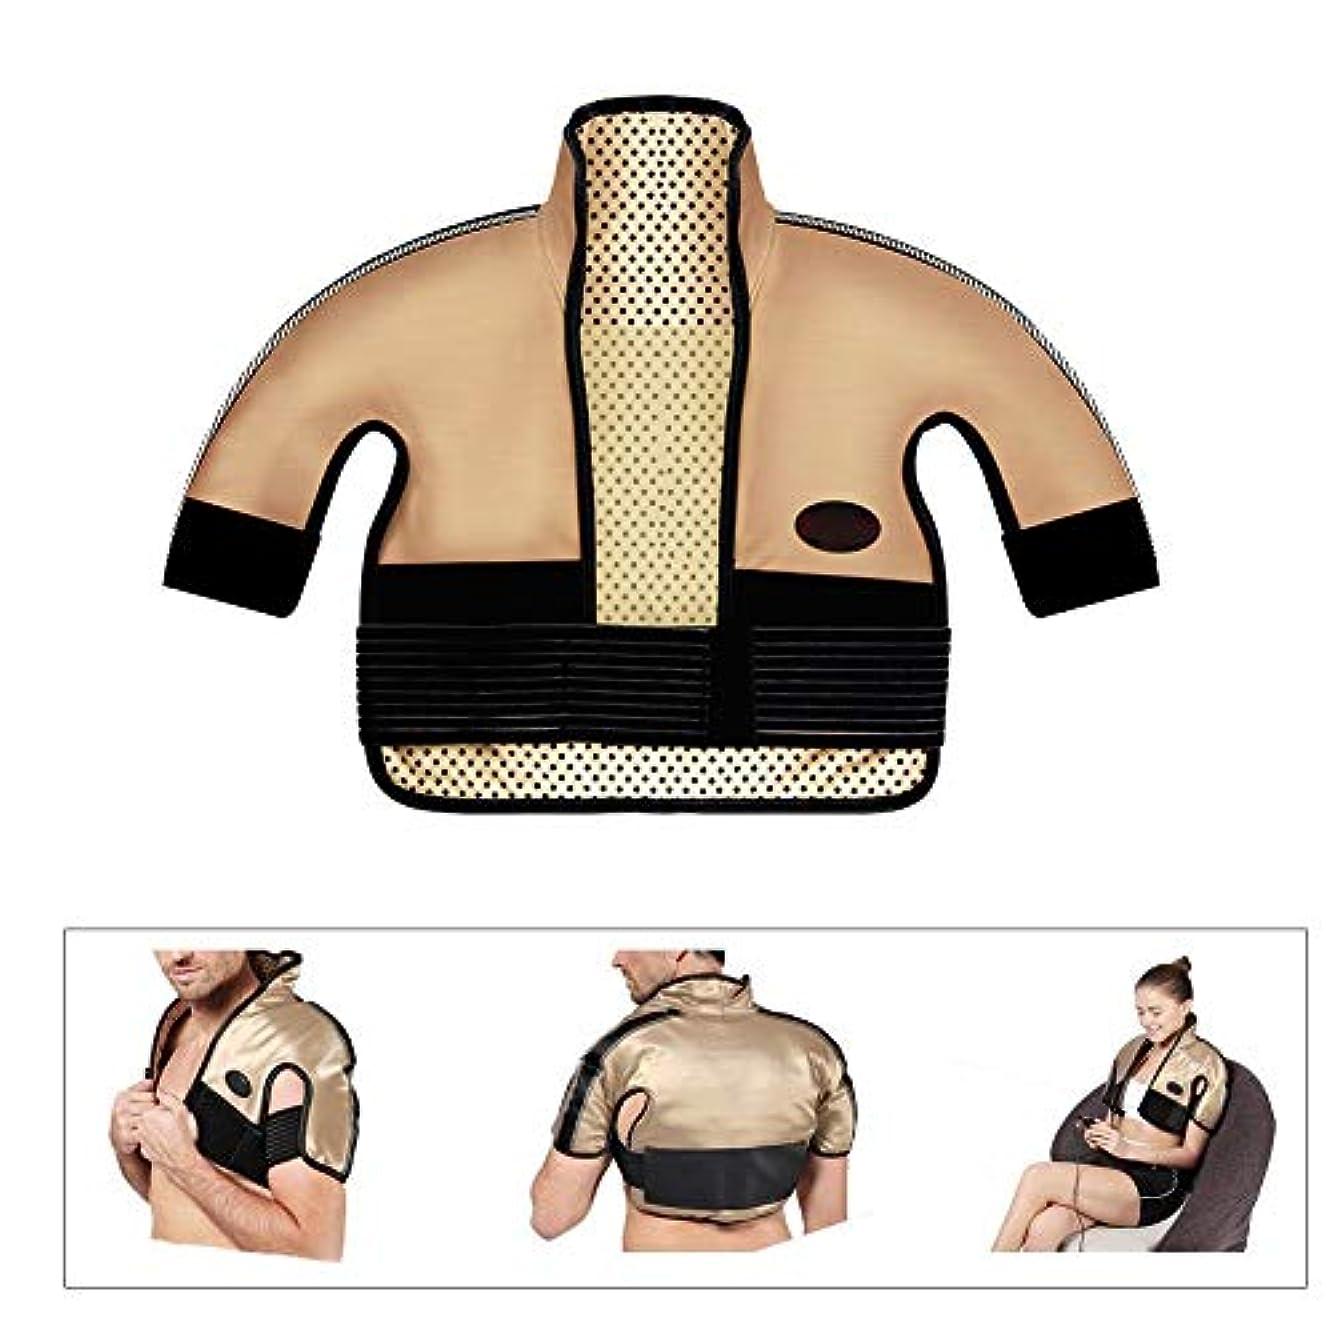 一振り子反対する肩と首の電気加熱パッド - 混練加熱、痛み緩和加熱パッドを叩く、医療用品マッサージベスト(肩幅用:40-65CM)